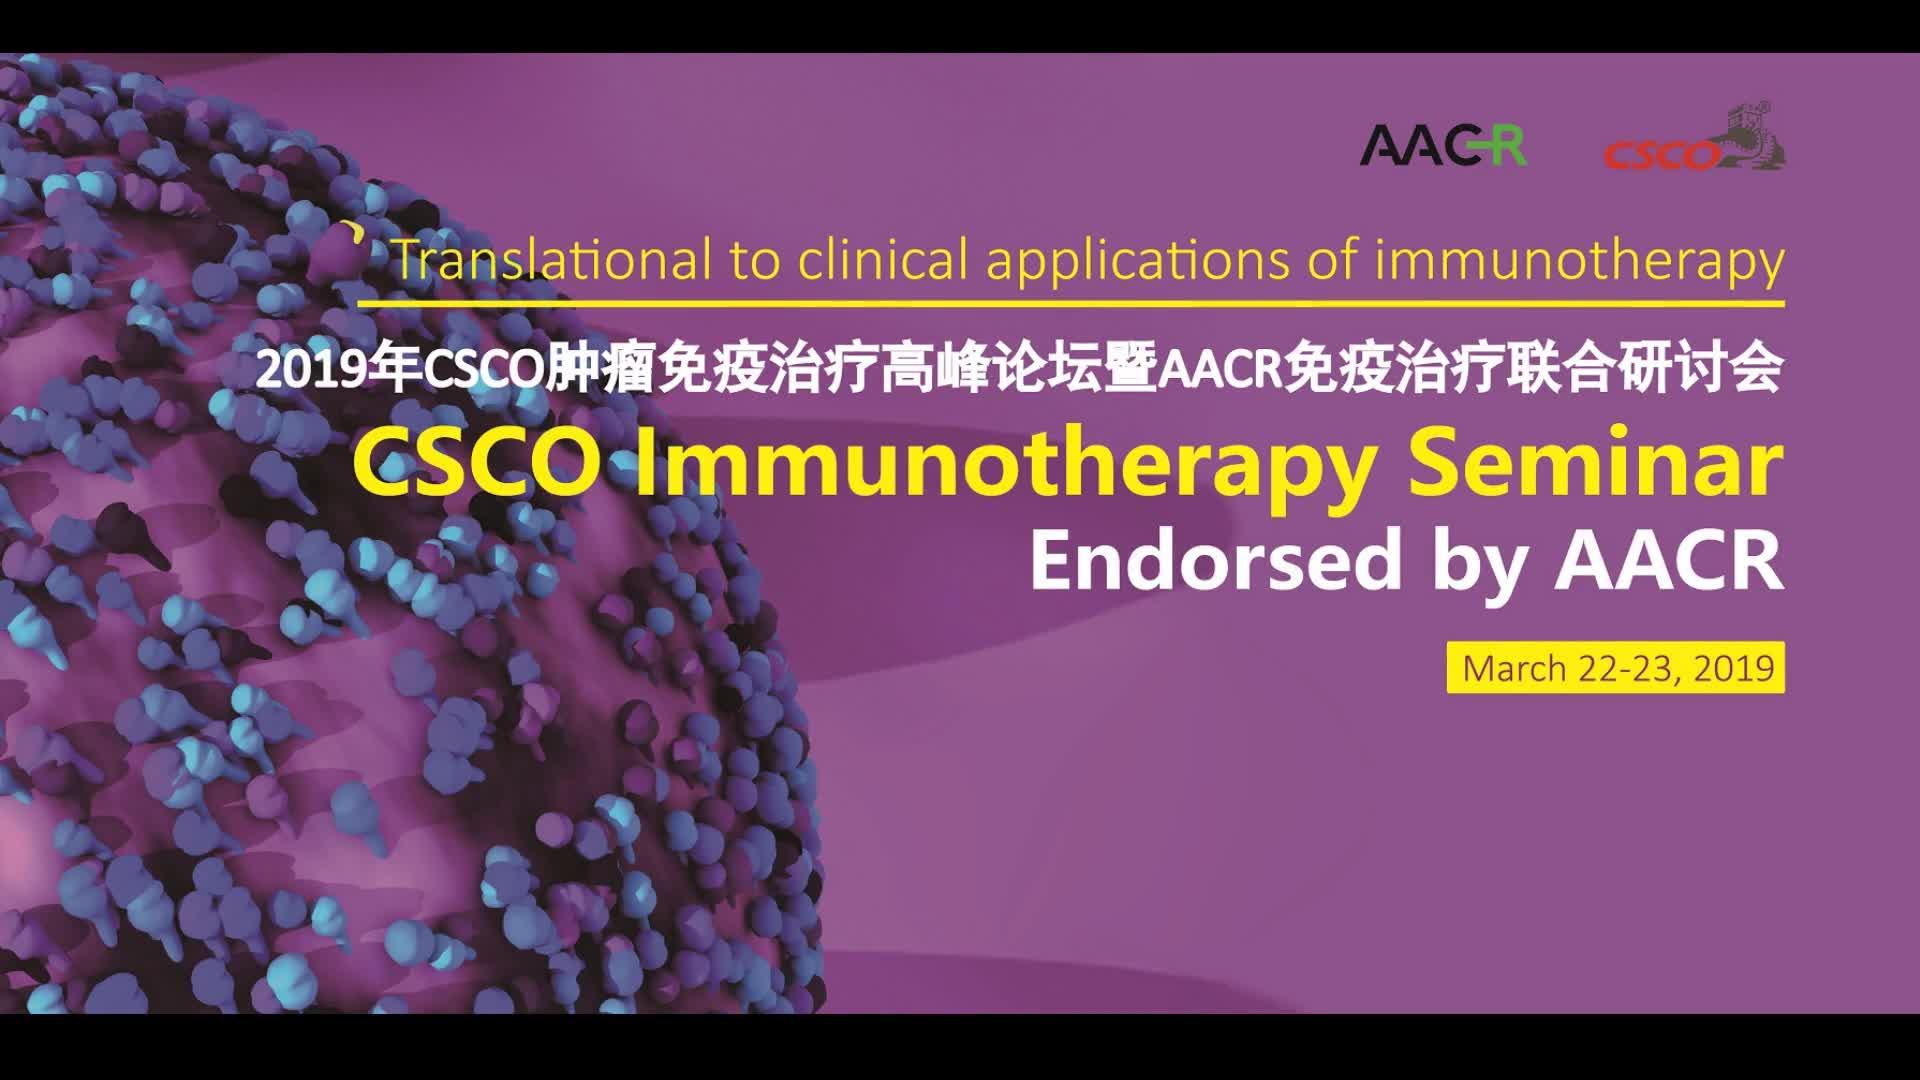 皮肤癌的免疫治疗最新进展